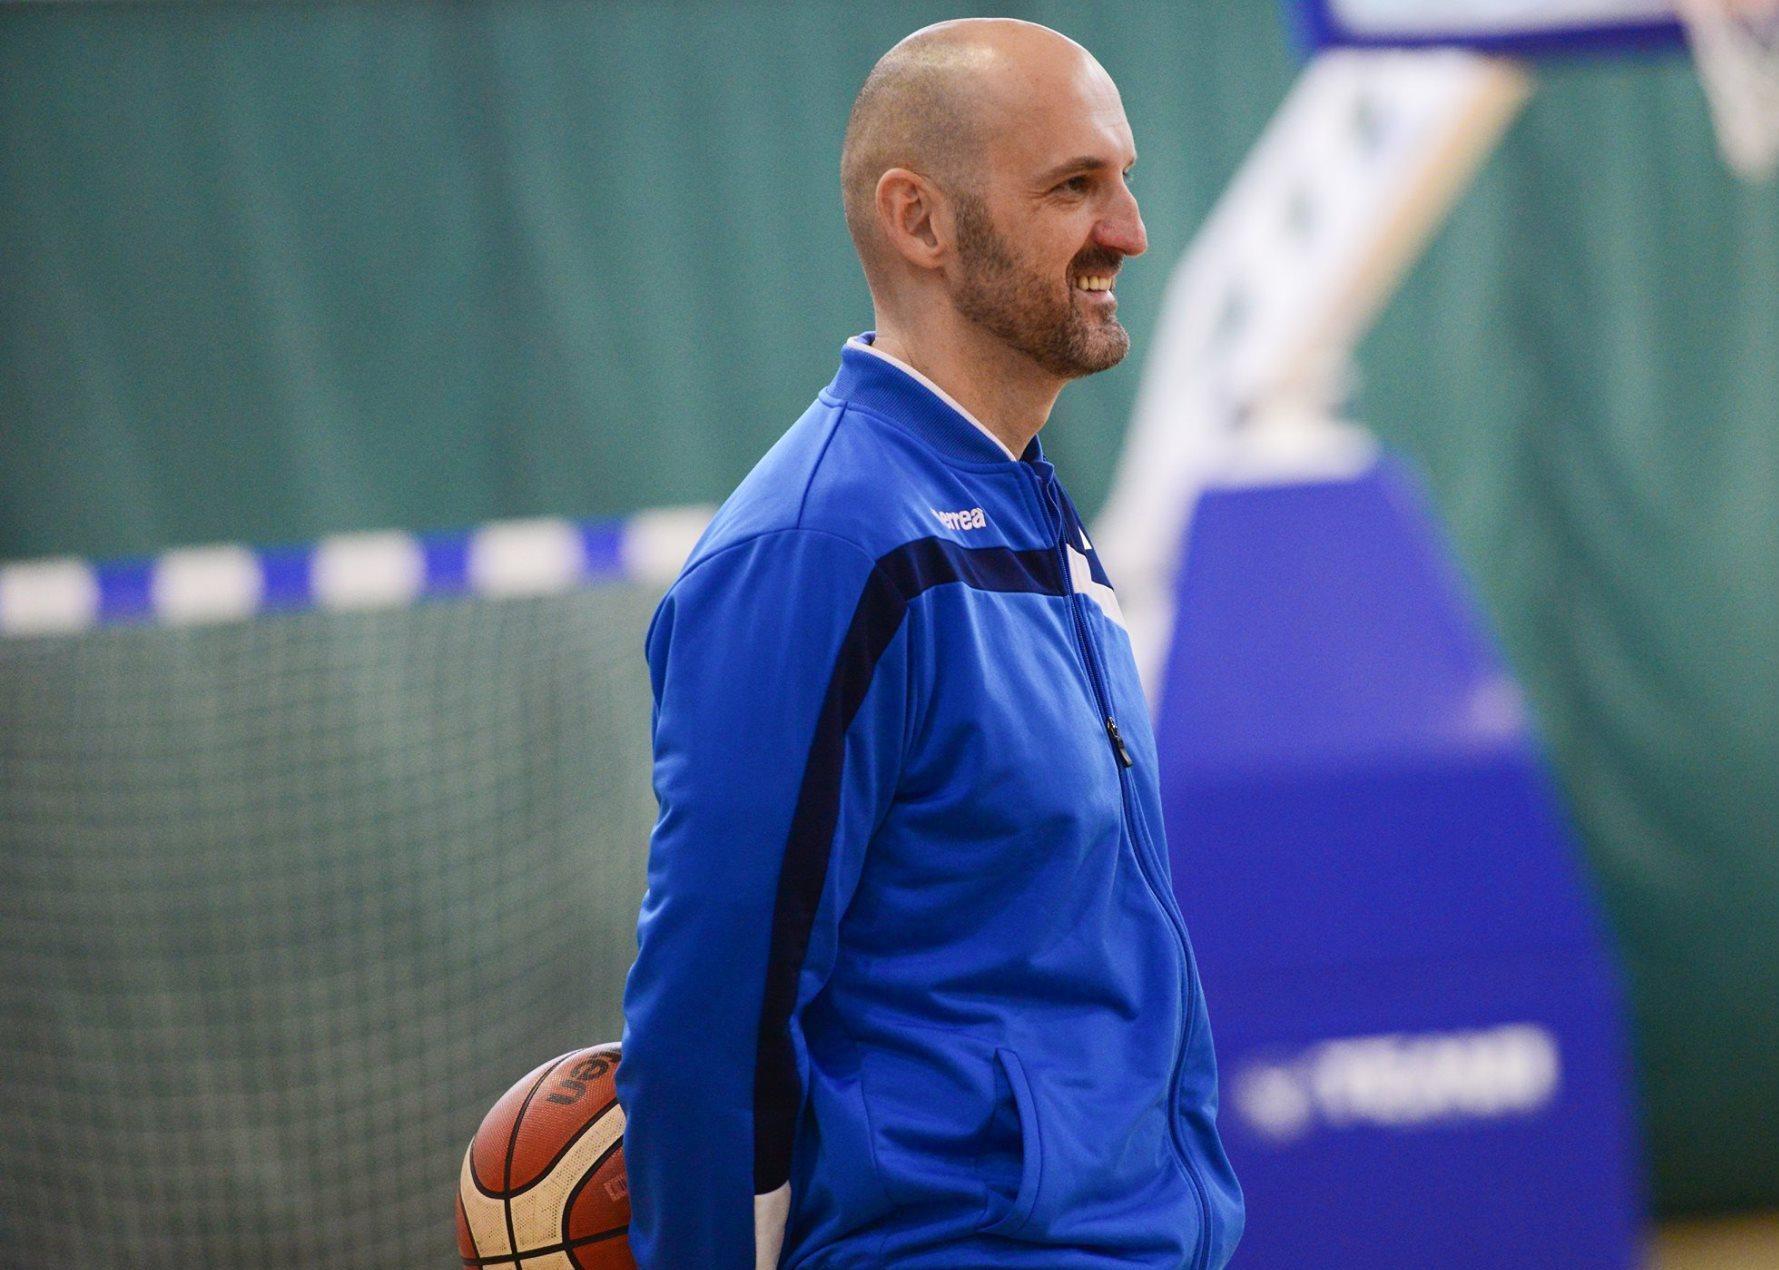 Срджан Радулович – виконуючий обов'язки головного тренера жіночої збірної України